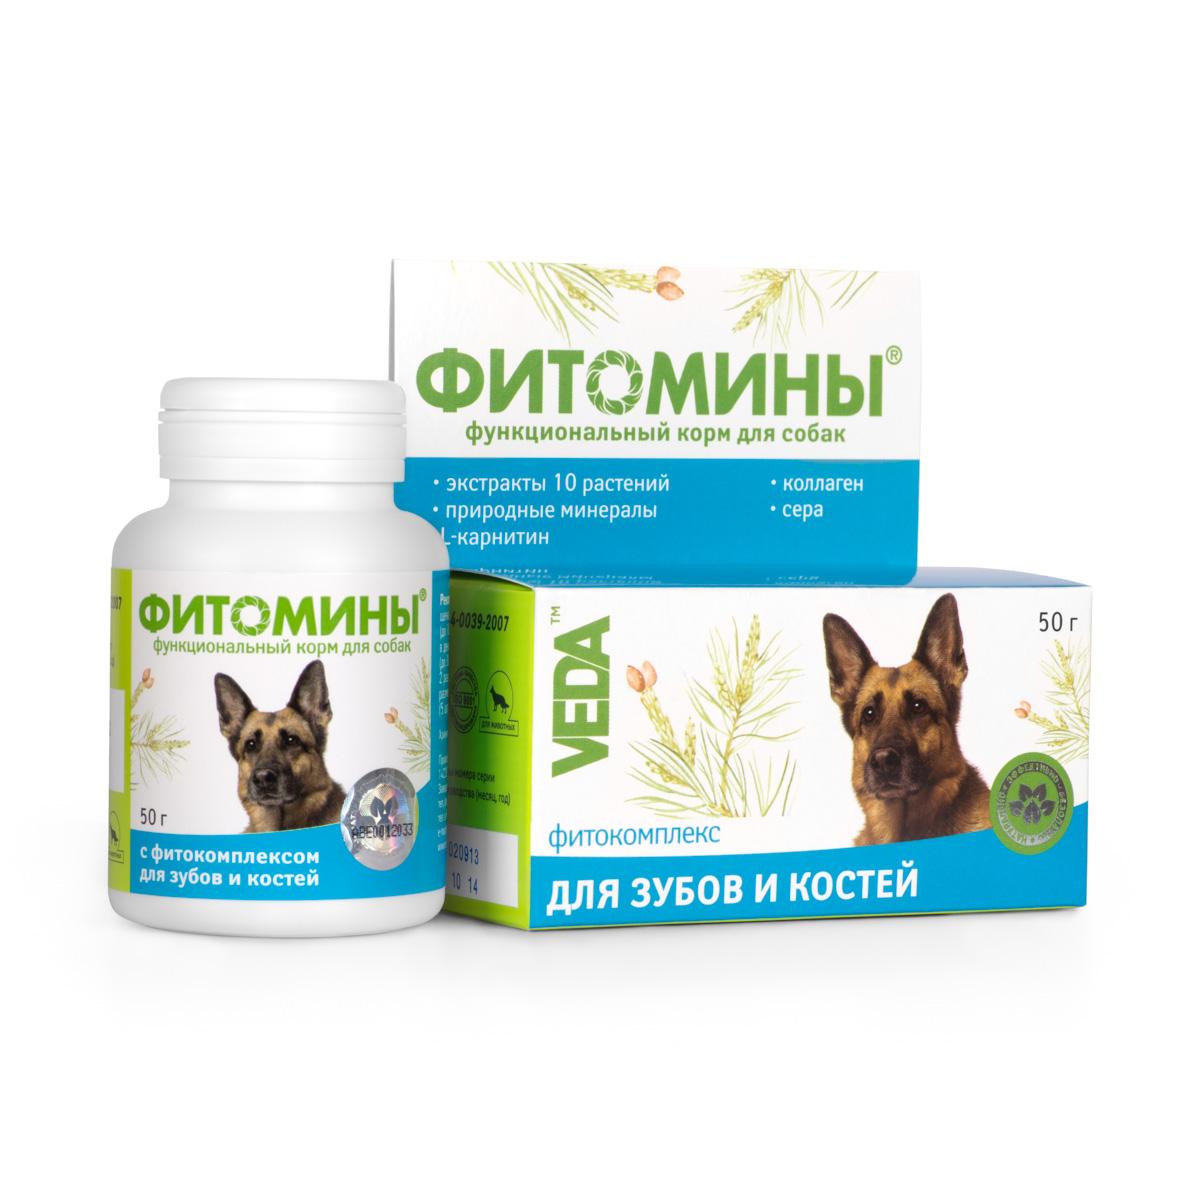 Корм функциональный для собак VEDA Фитомины, с фитокомплексом для зубов и костей, 50 г0120710Функциональный корм для собак VEDA Фитомины регулирует фосфорно-кальциевый обмен организма. Рекомендуется для систематического употребления в составе кормовых рационов щенков, беременных и кормящих собак, а также взрослых и стареющих собак с заболеваниями костей и зубов, пародонтозом, травмами и переломами, после хирургических операций, при «вымывании» кальция из костей.Товар сертифицирован.